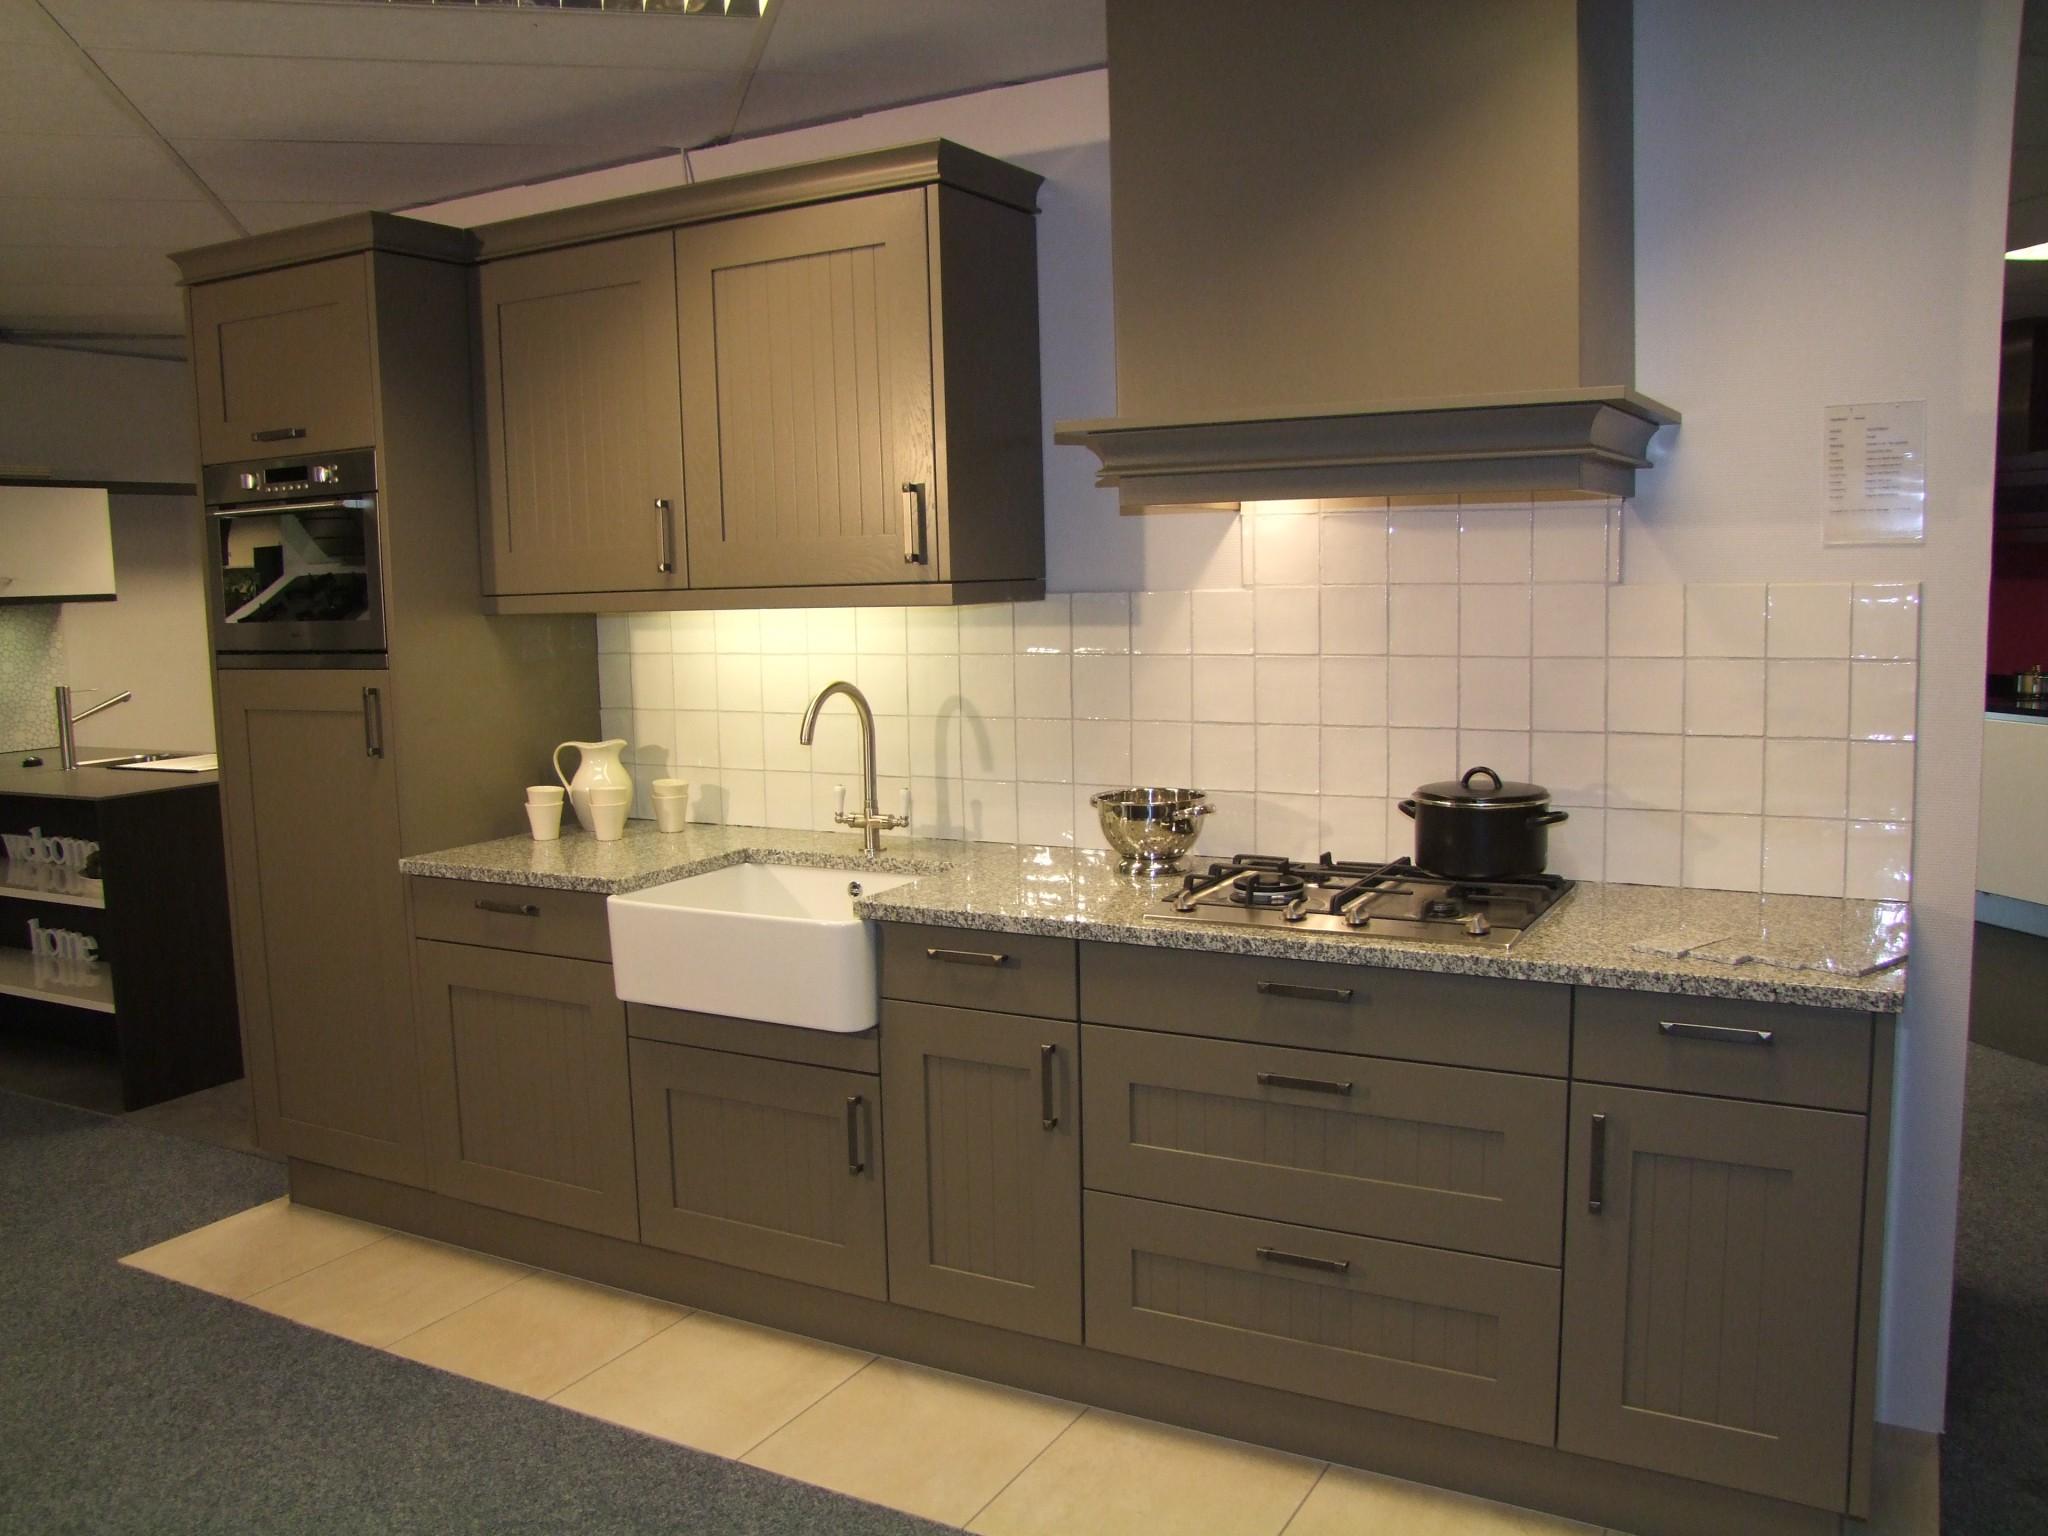 Design Keuken Showroom : Mooie keukens interesting keuken renoveren design keuken